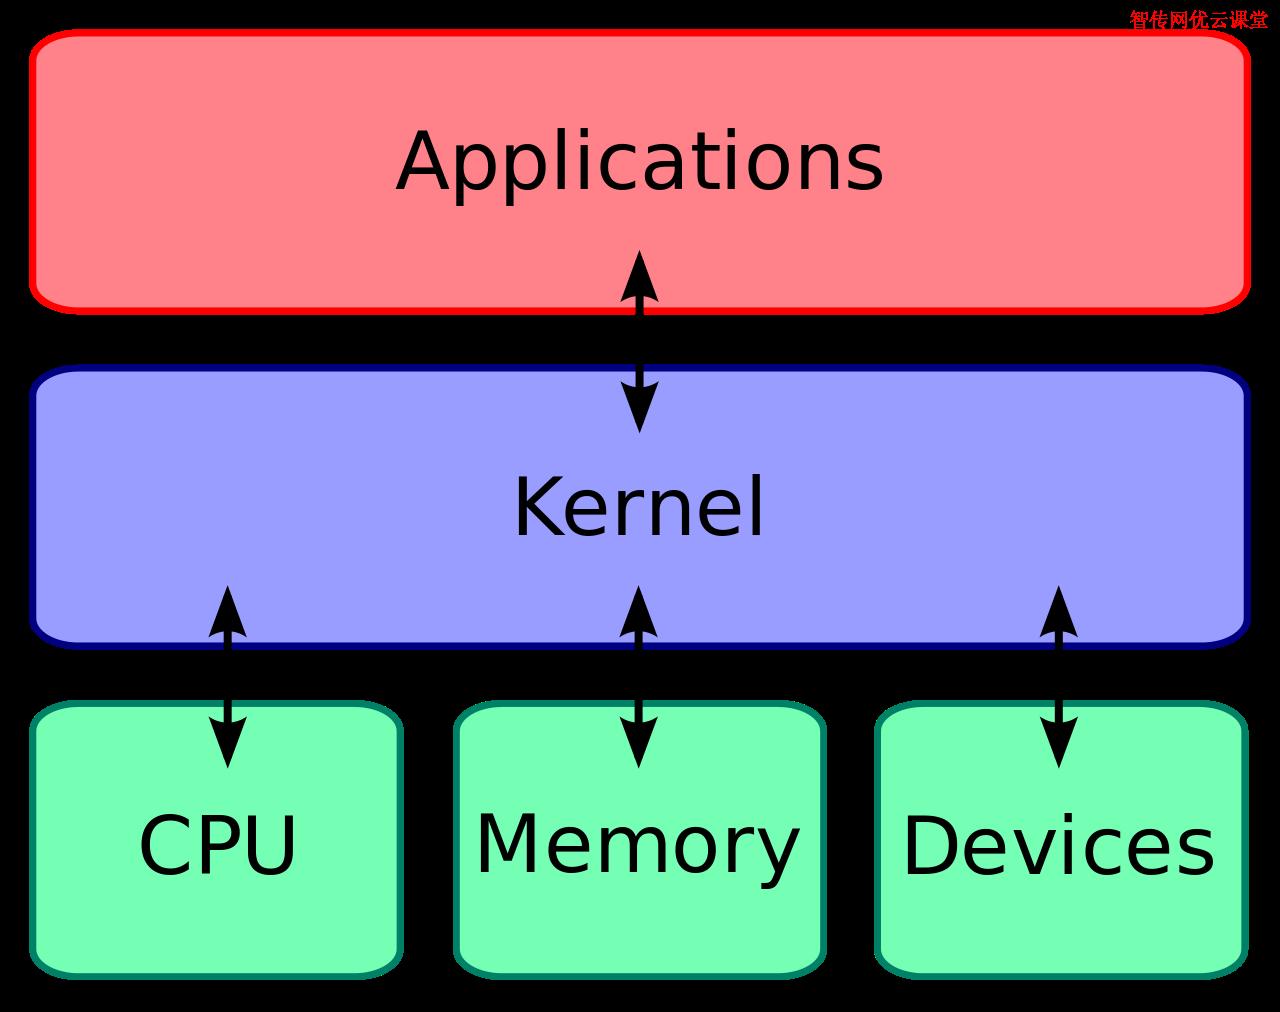 一张图看懂Linux内核